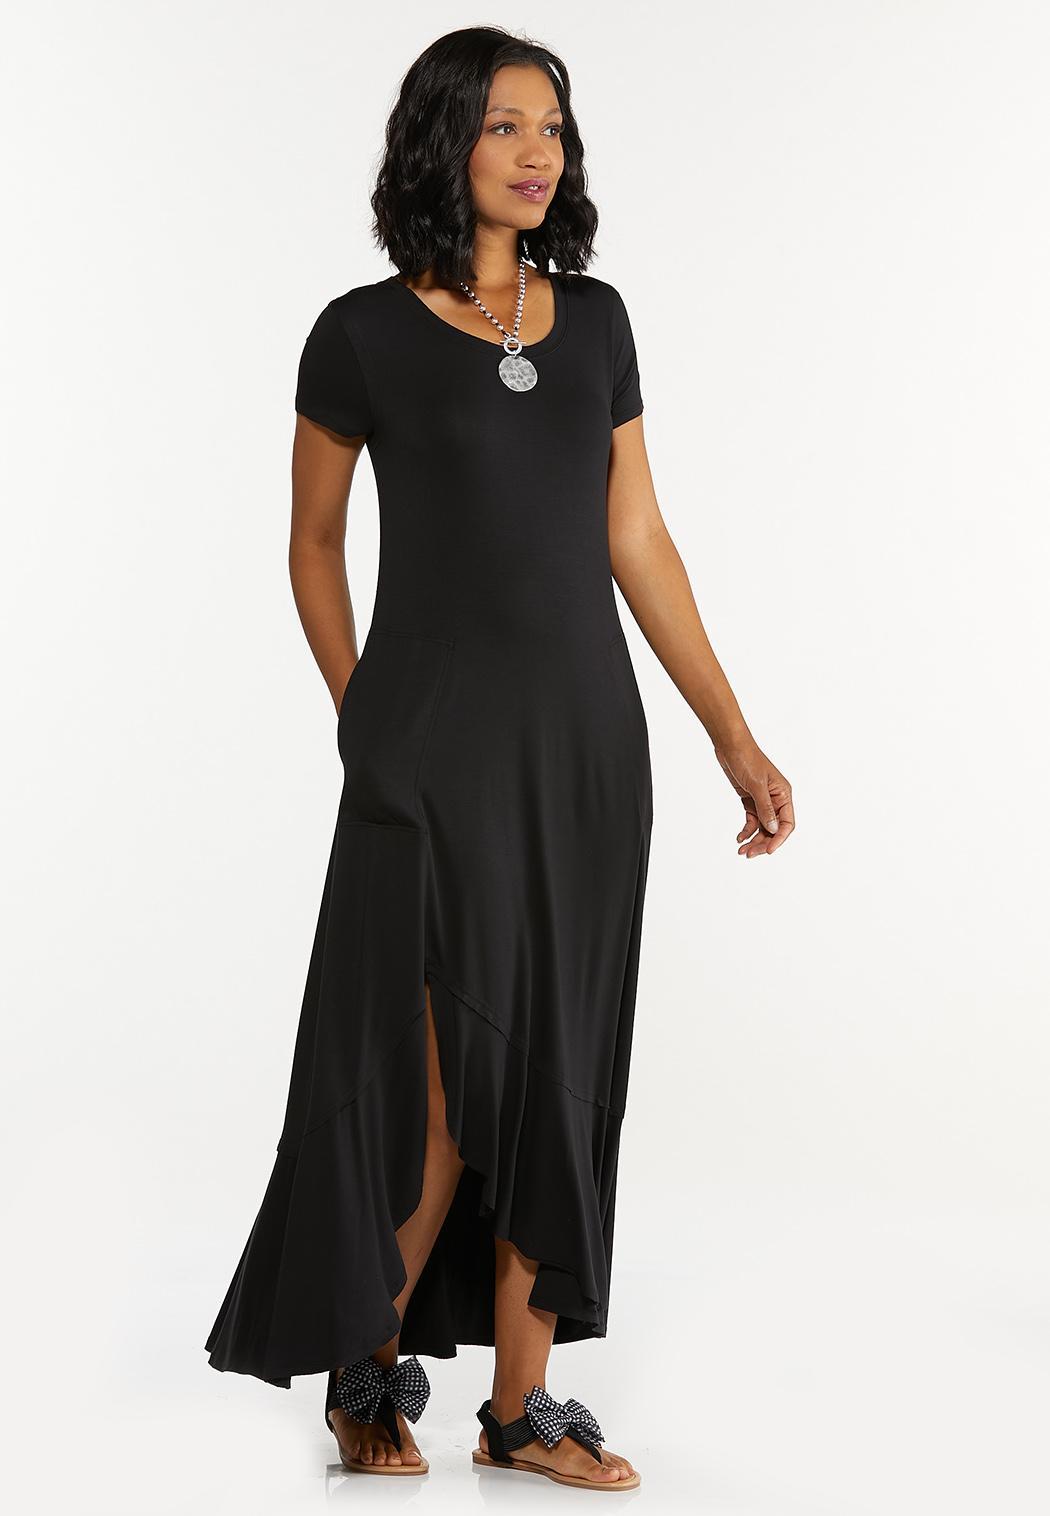 Black Ruffled Maxi Dress